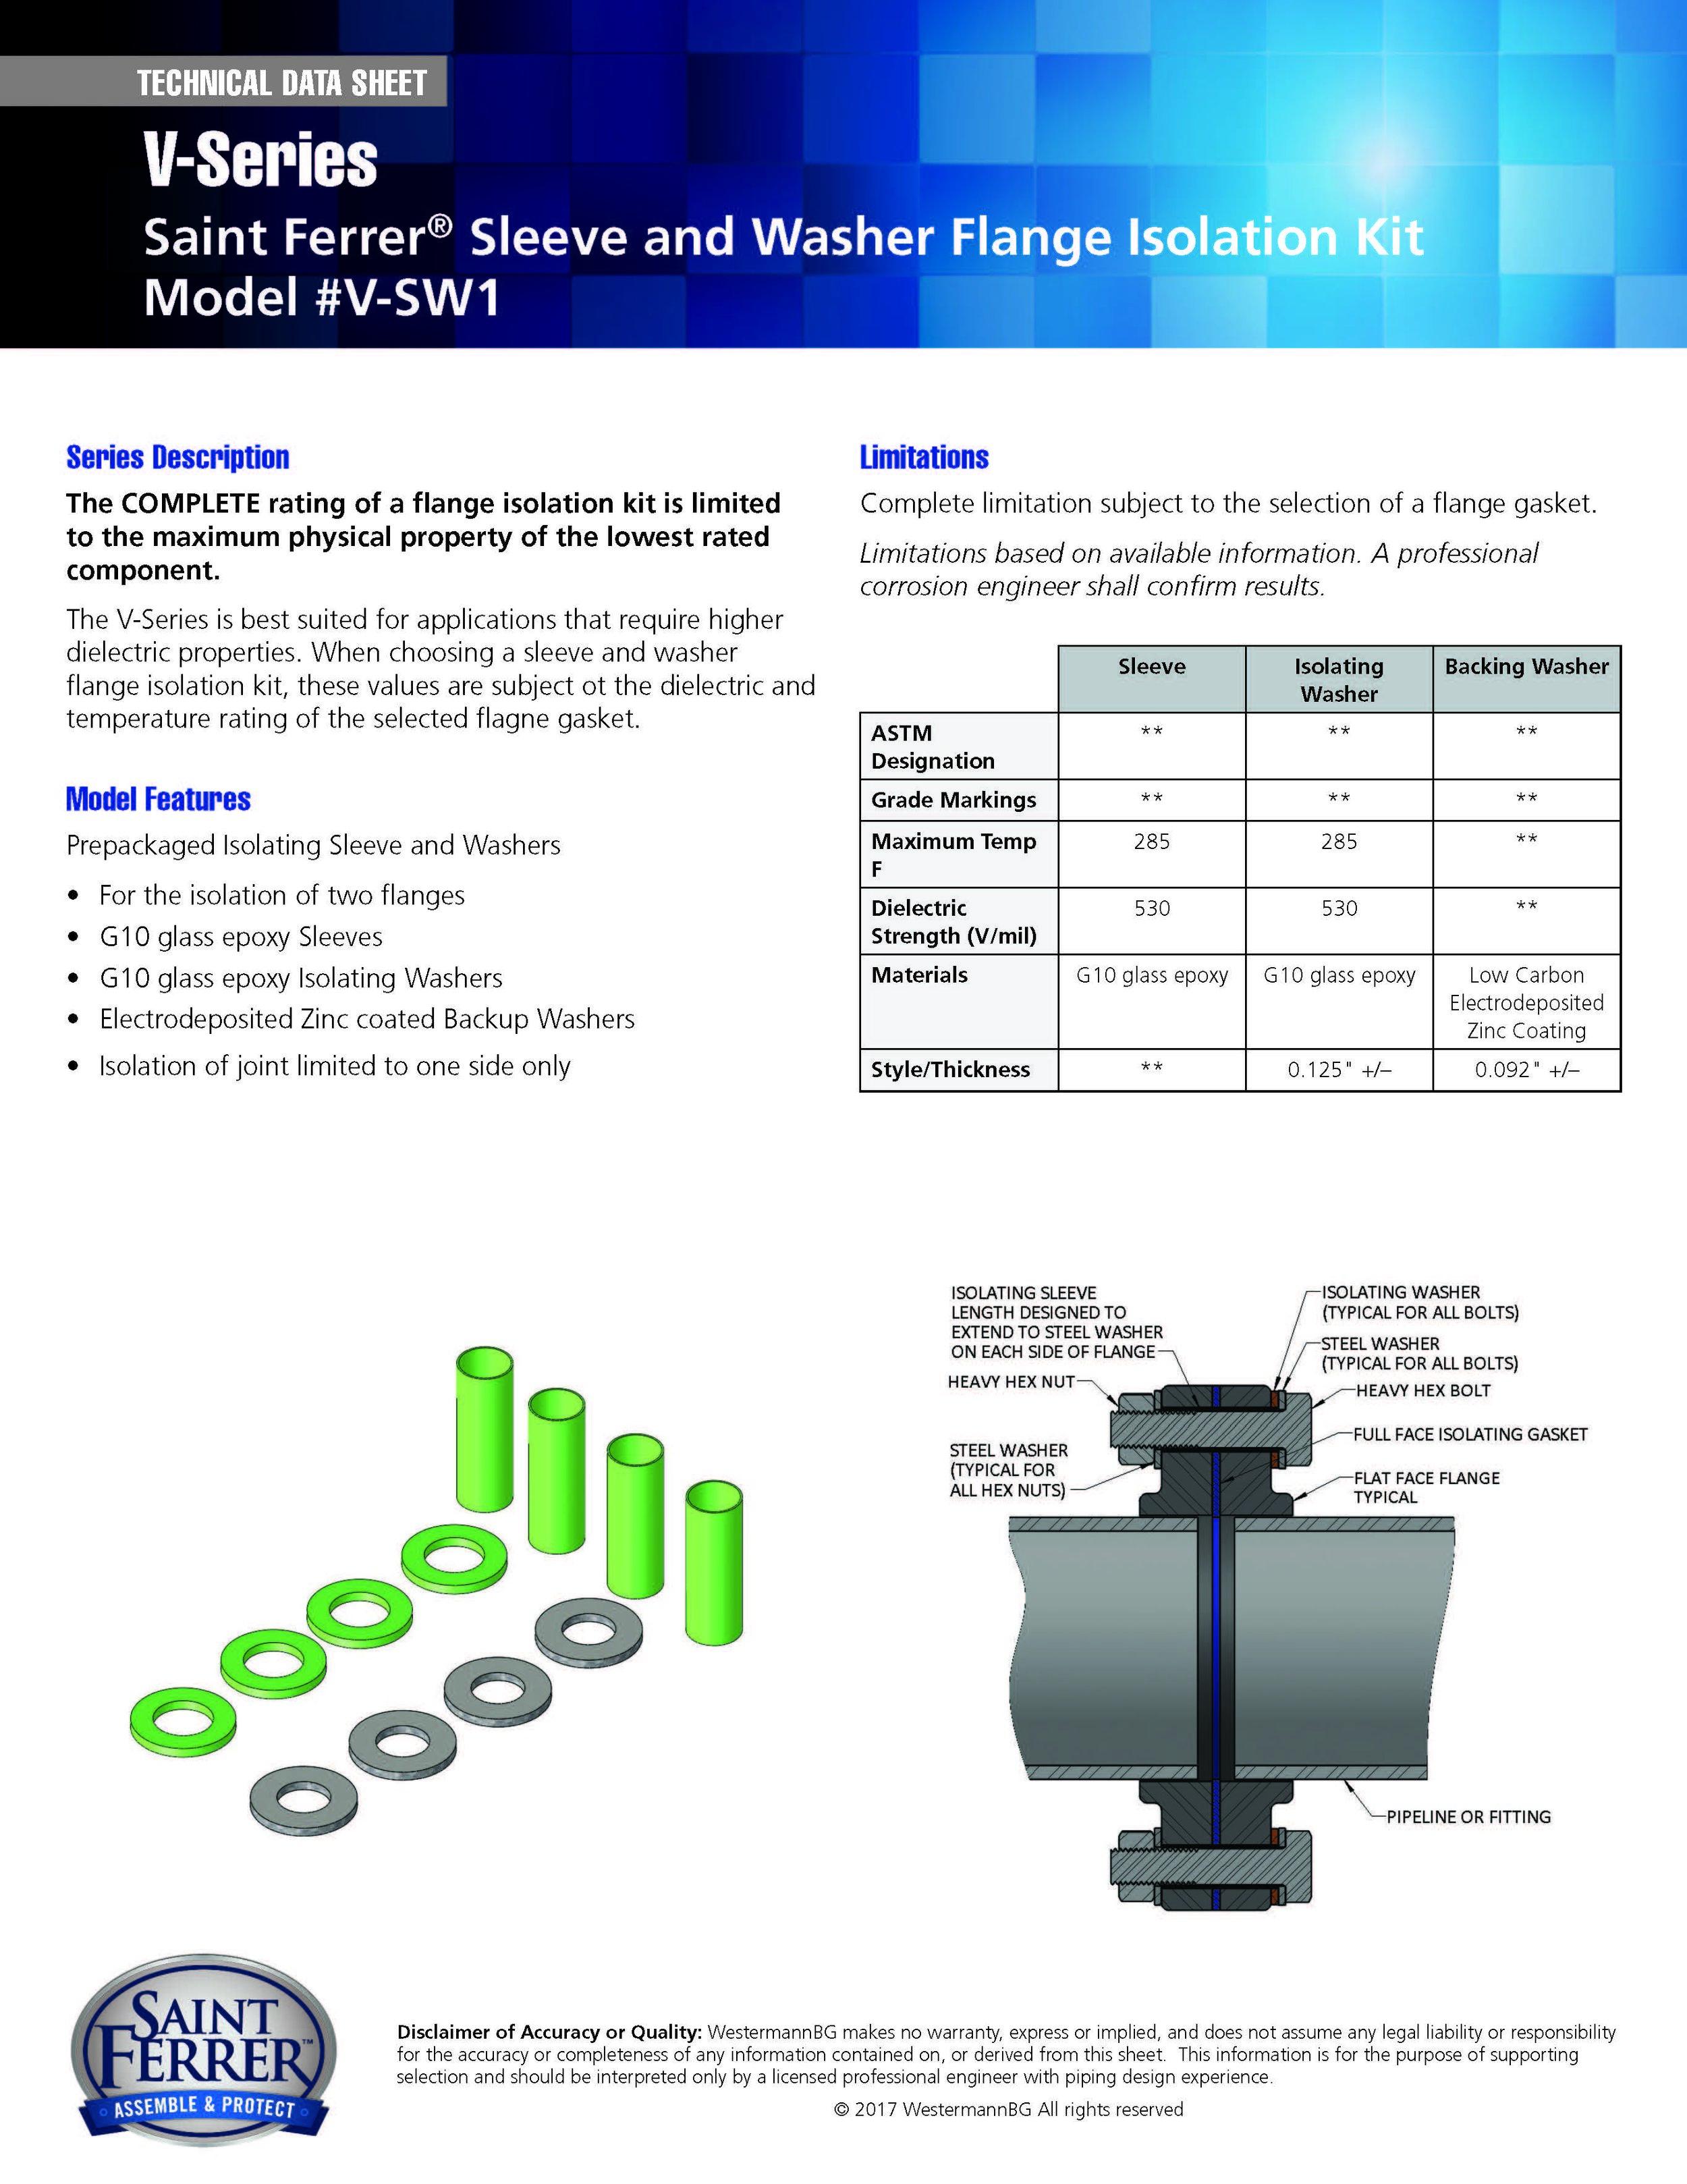 SF_Data_Sheet_V_Series_V-SW1.jpg